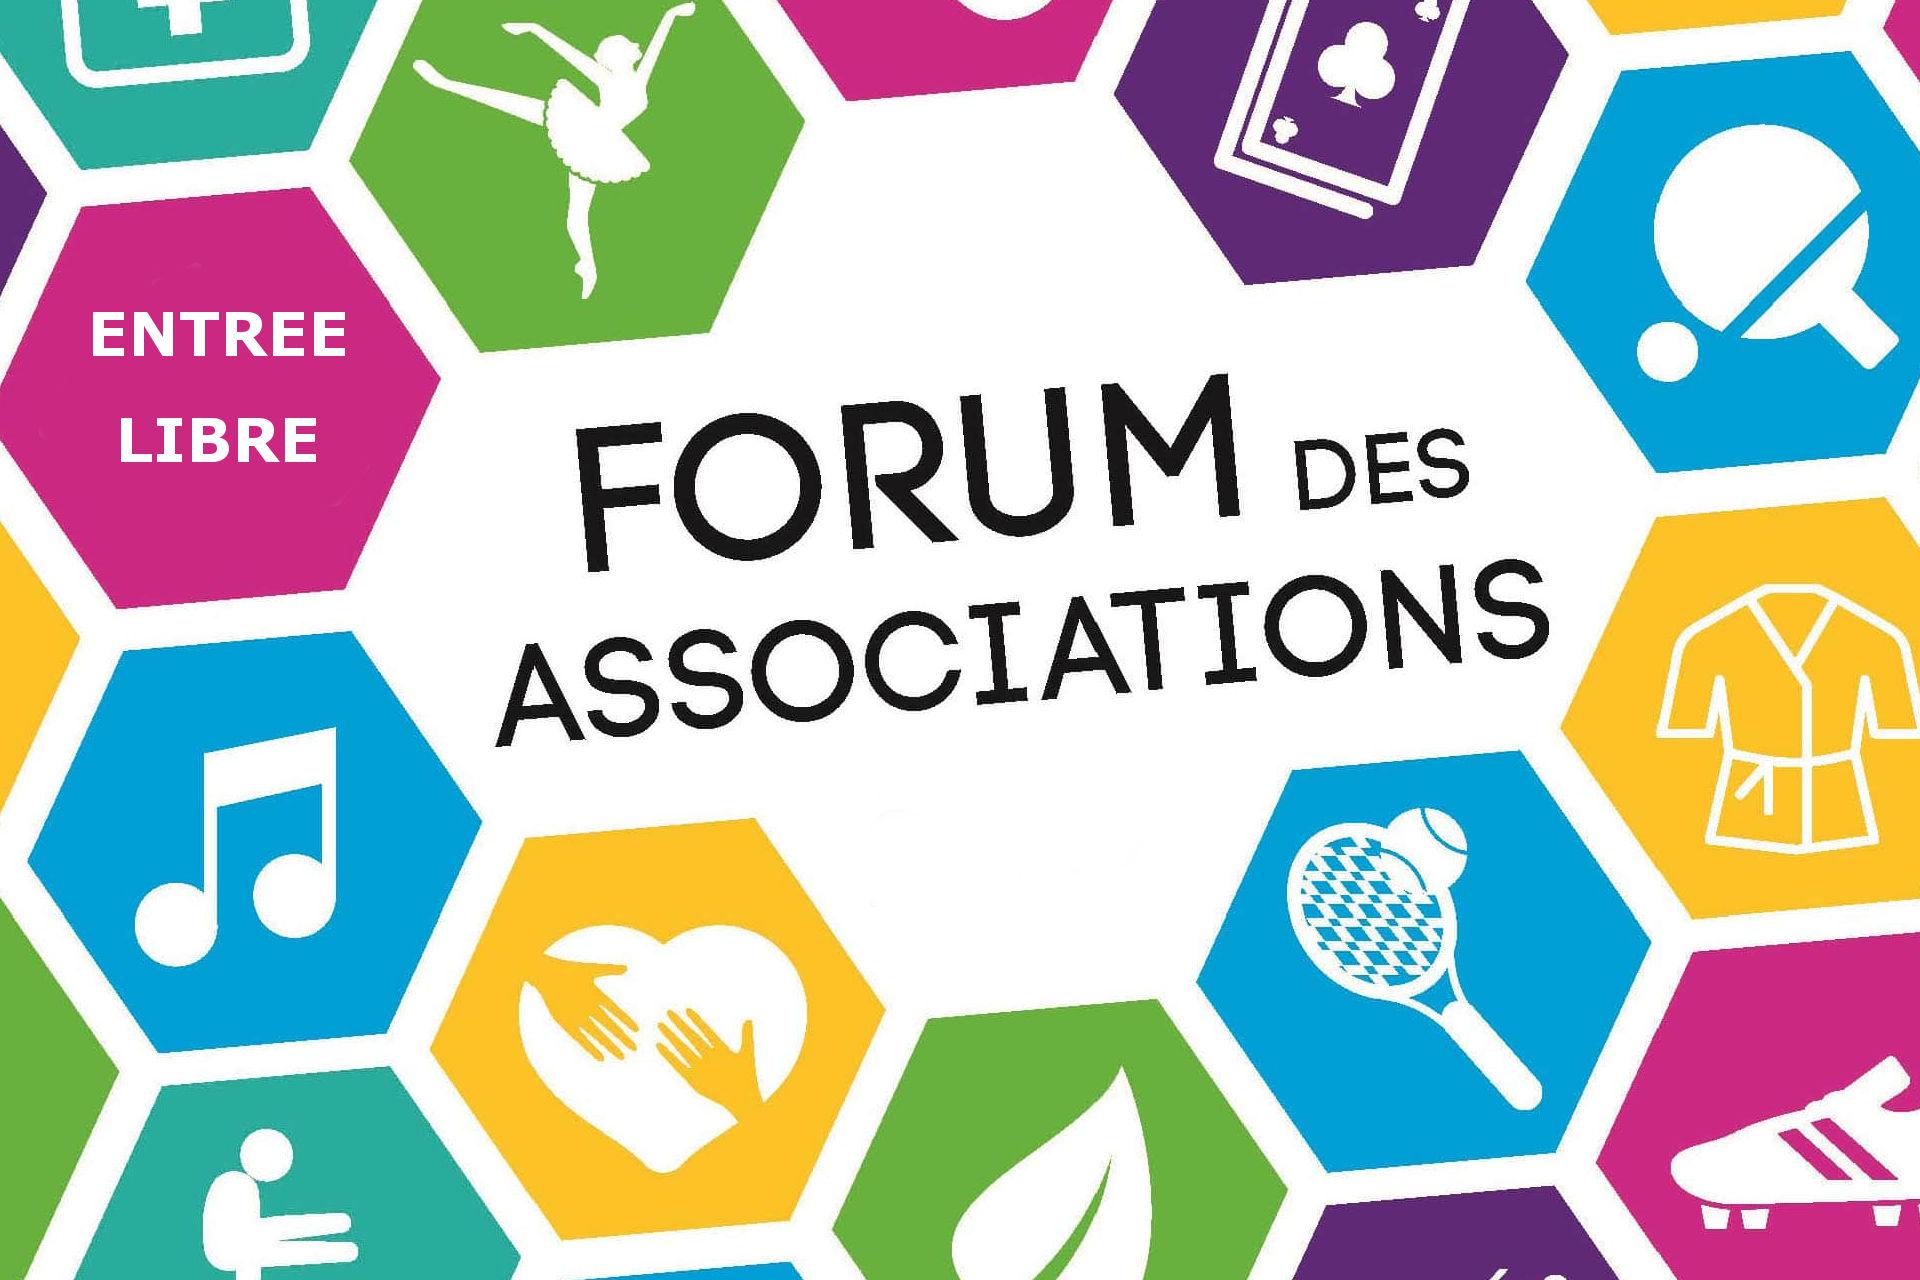 Forum des associations | Mairie de Plouhinec, Finistère (29)